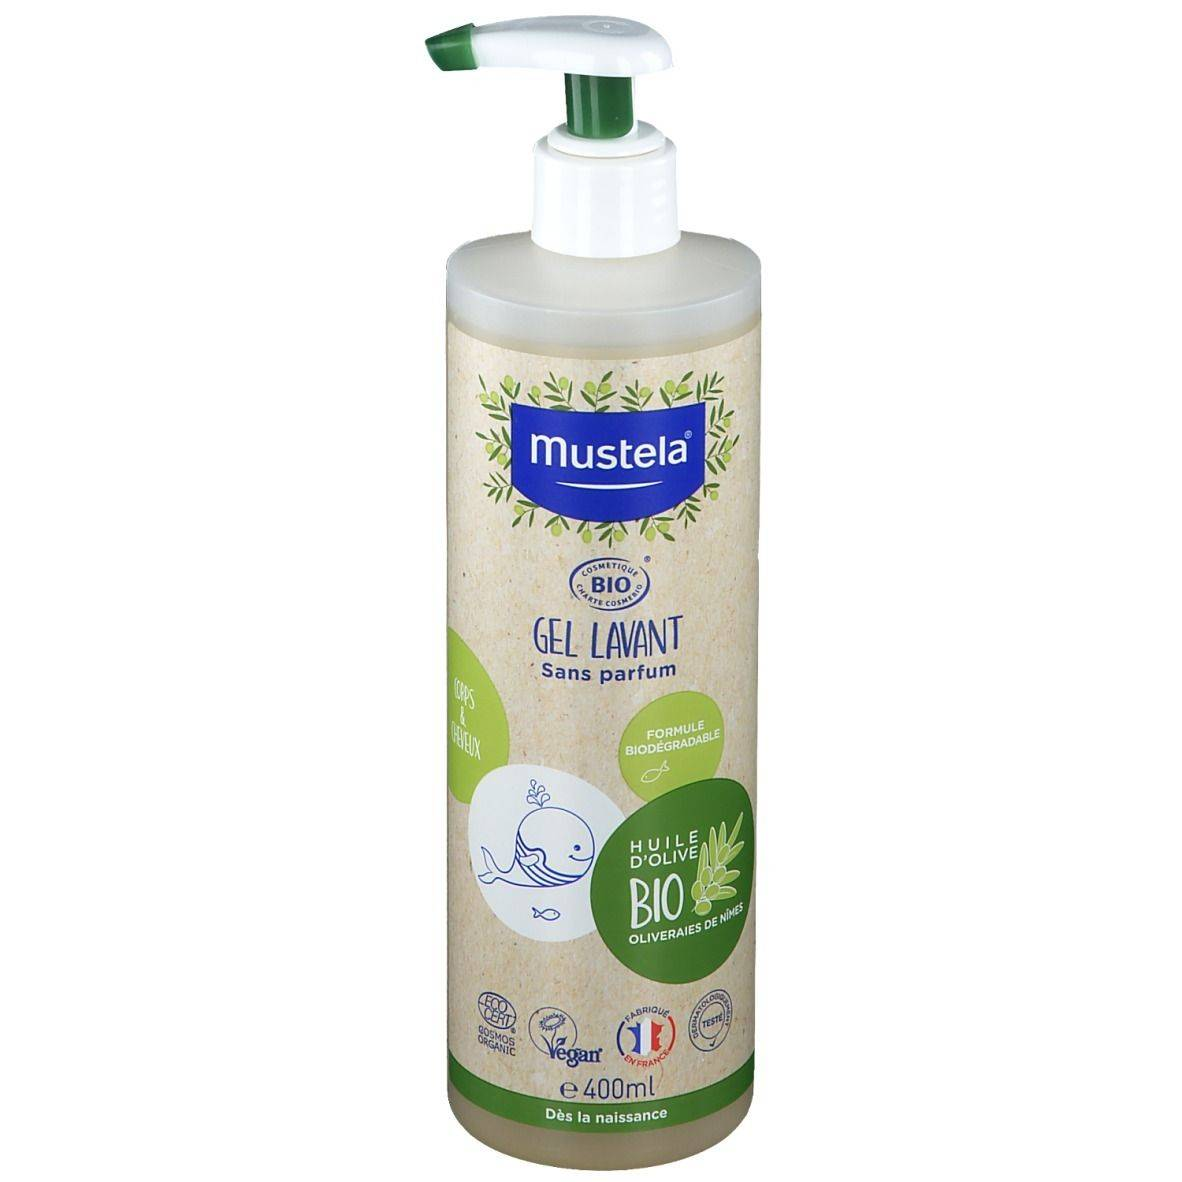 mustela® Gel lavant certifié BIO Corps & cheveux ml gel(s)